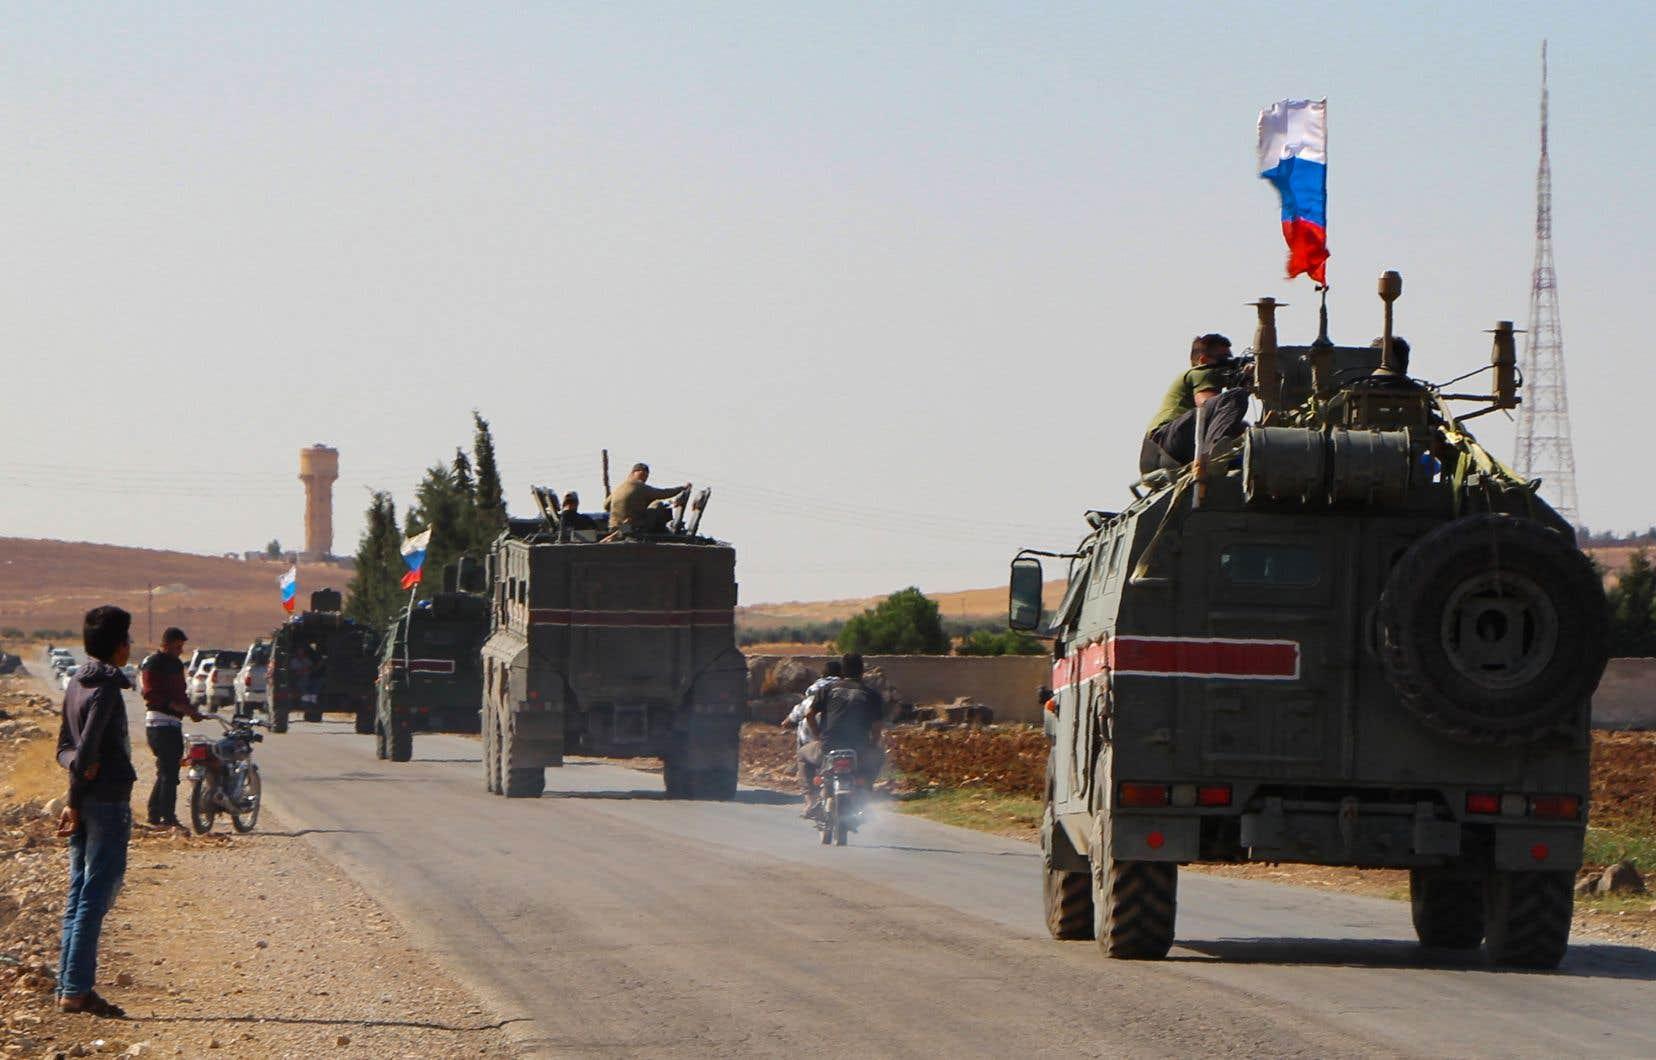 Les forces russes, déjà présentes en Syrie où elles appuient l'armée du président Bachar al-Assad, ont franchi l'Euphrate mercredi.